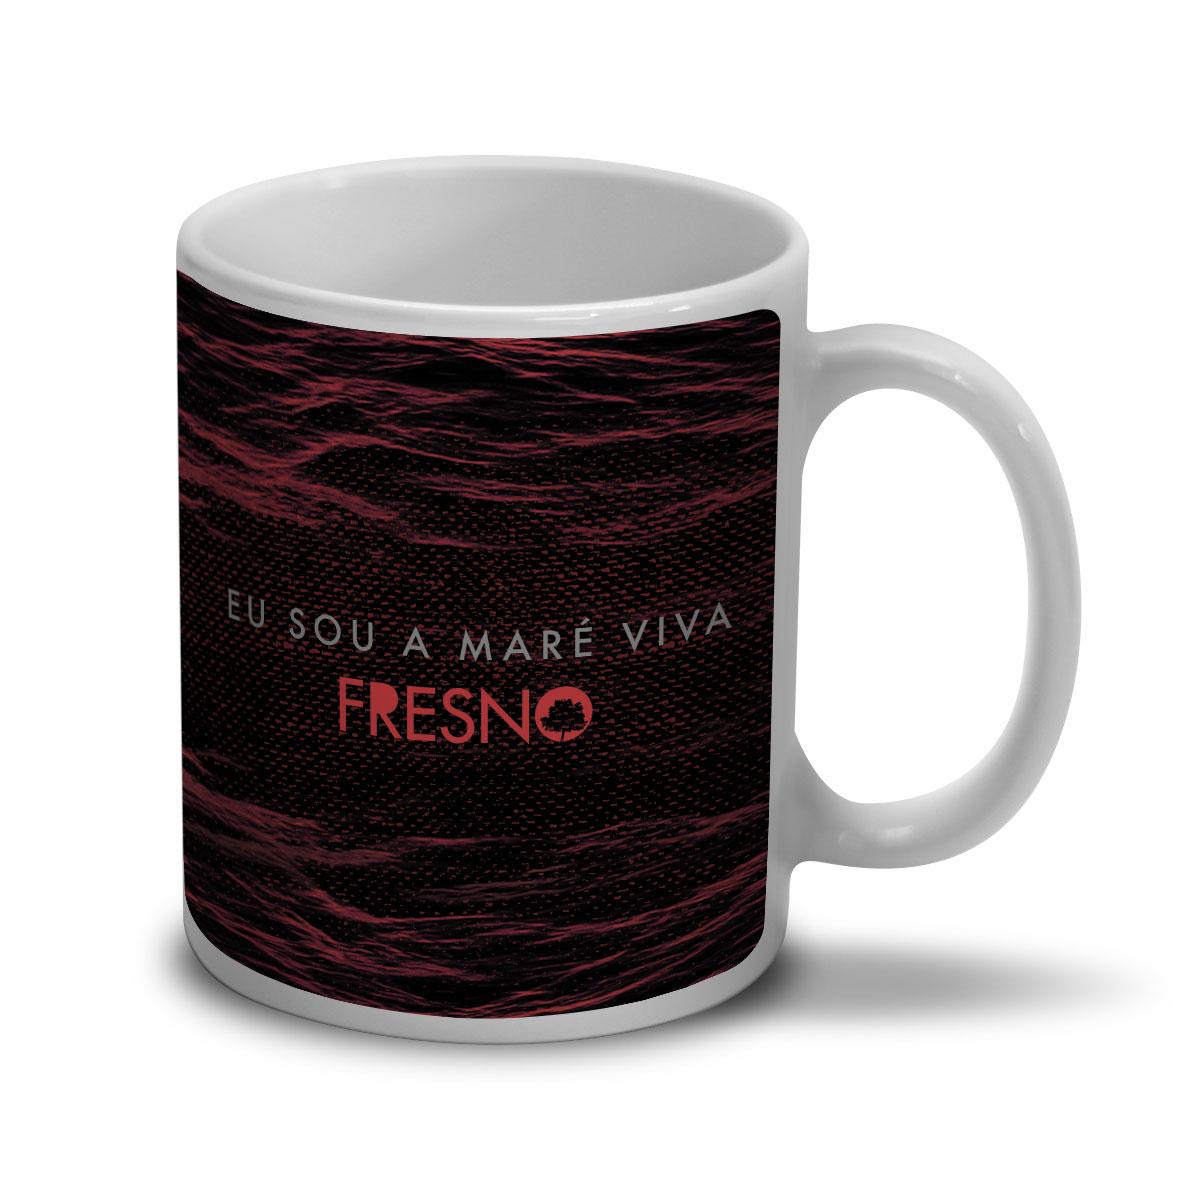 Caneca Fresno Eu Sou A Maré Viva